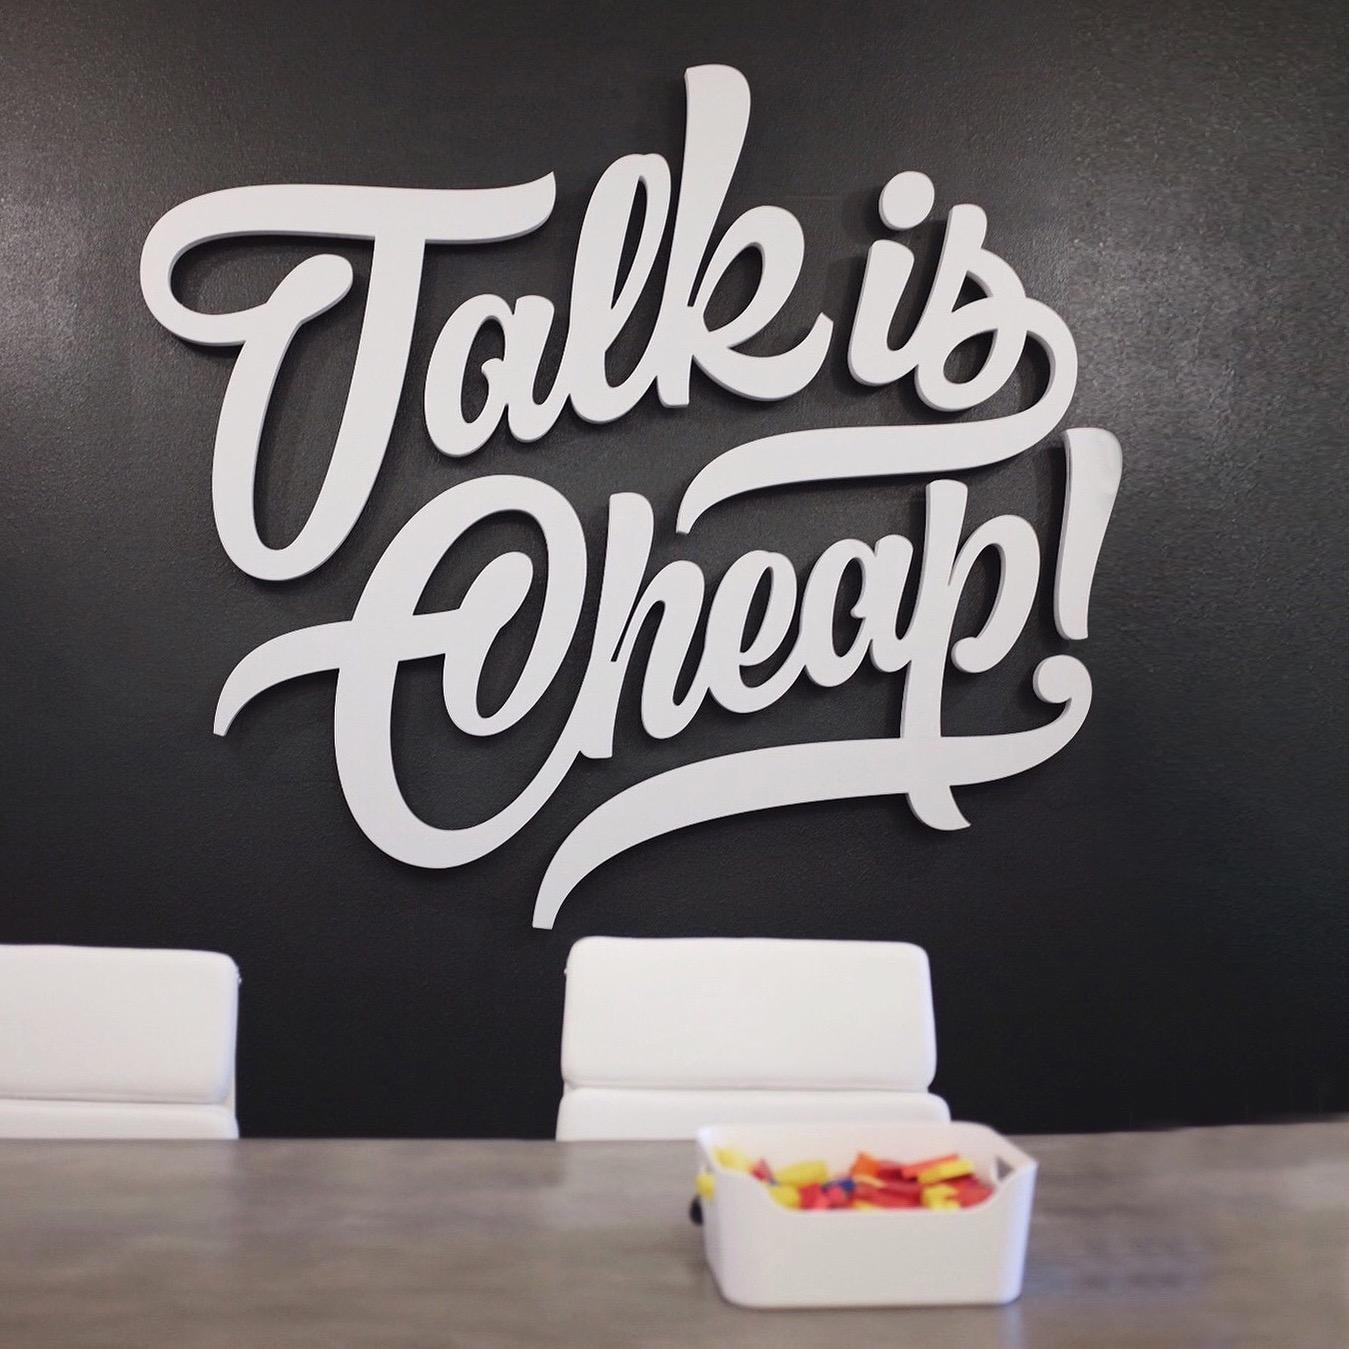 TalkisCheap.jpg